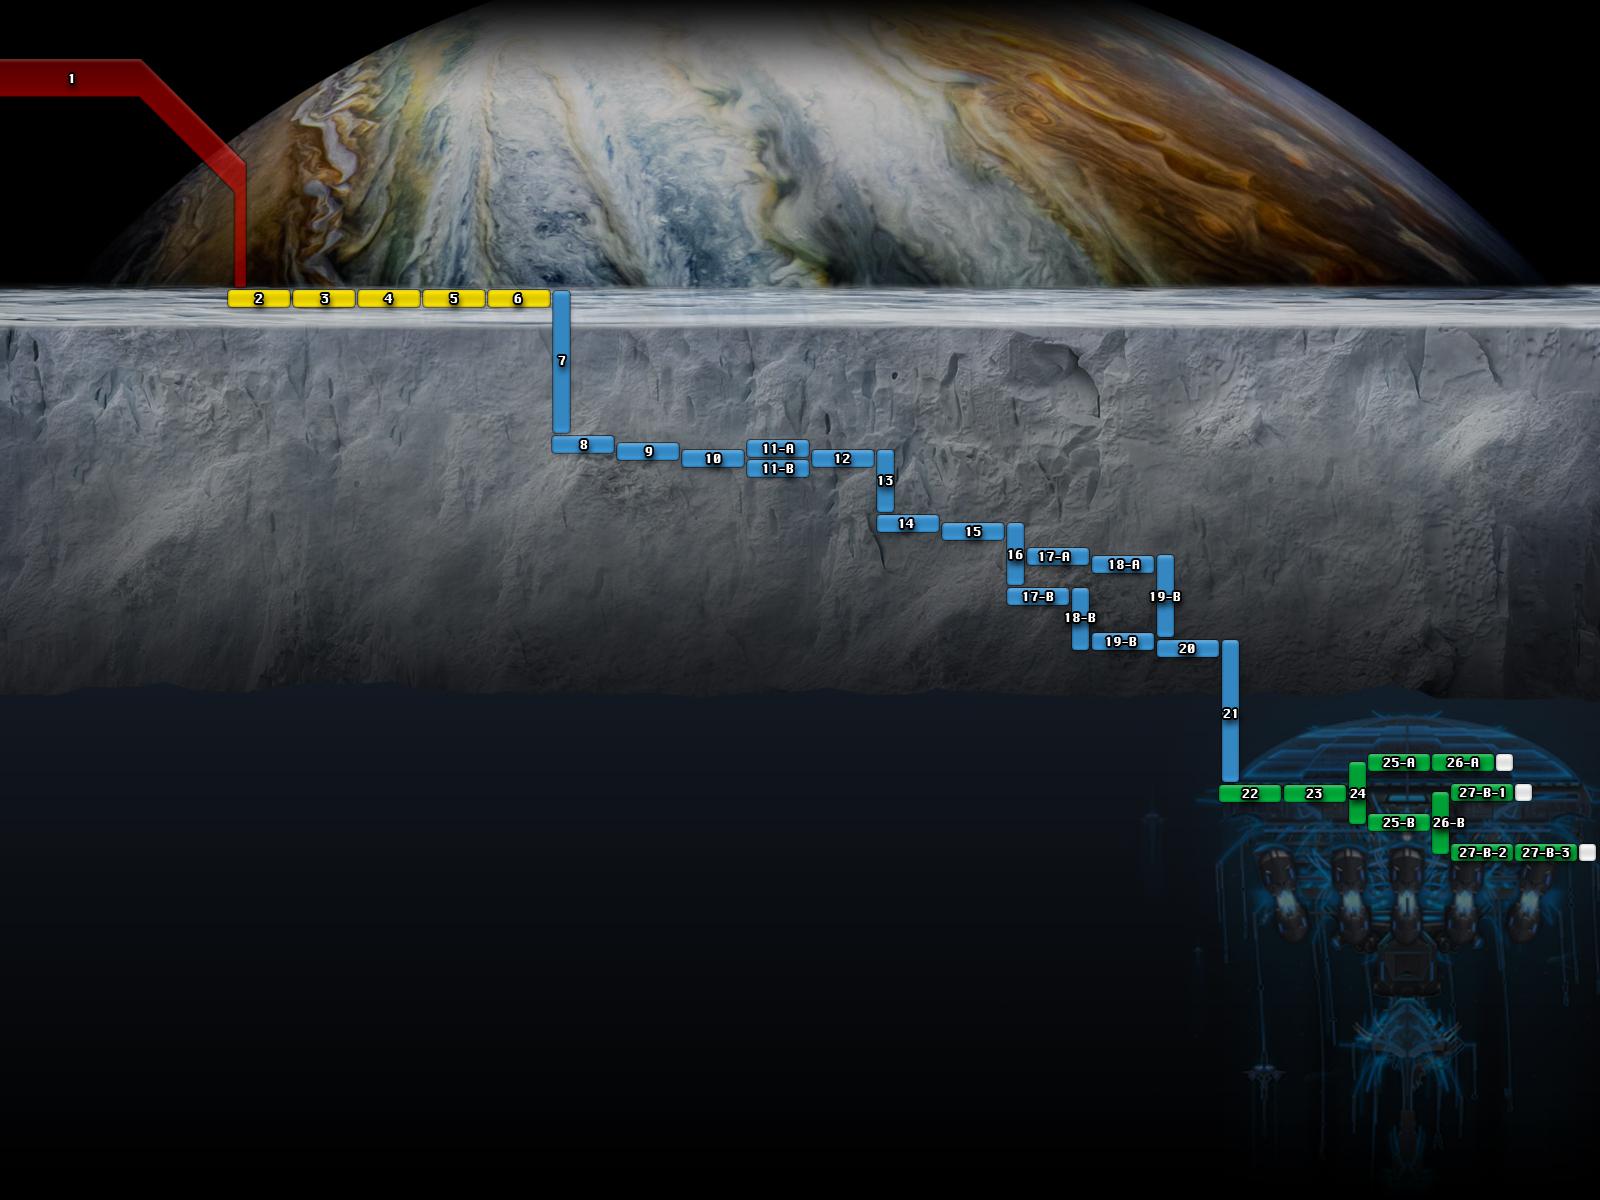 europa-descent-dream-list-2.jpg